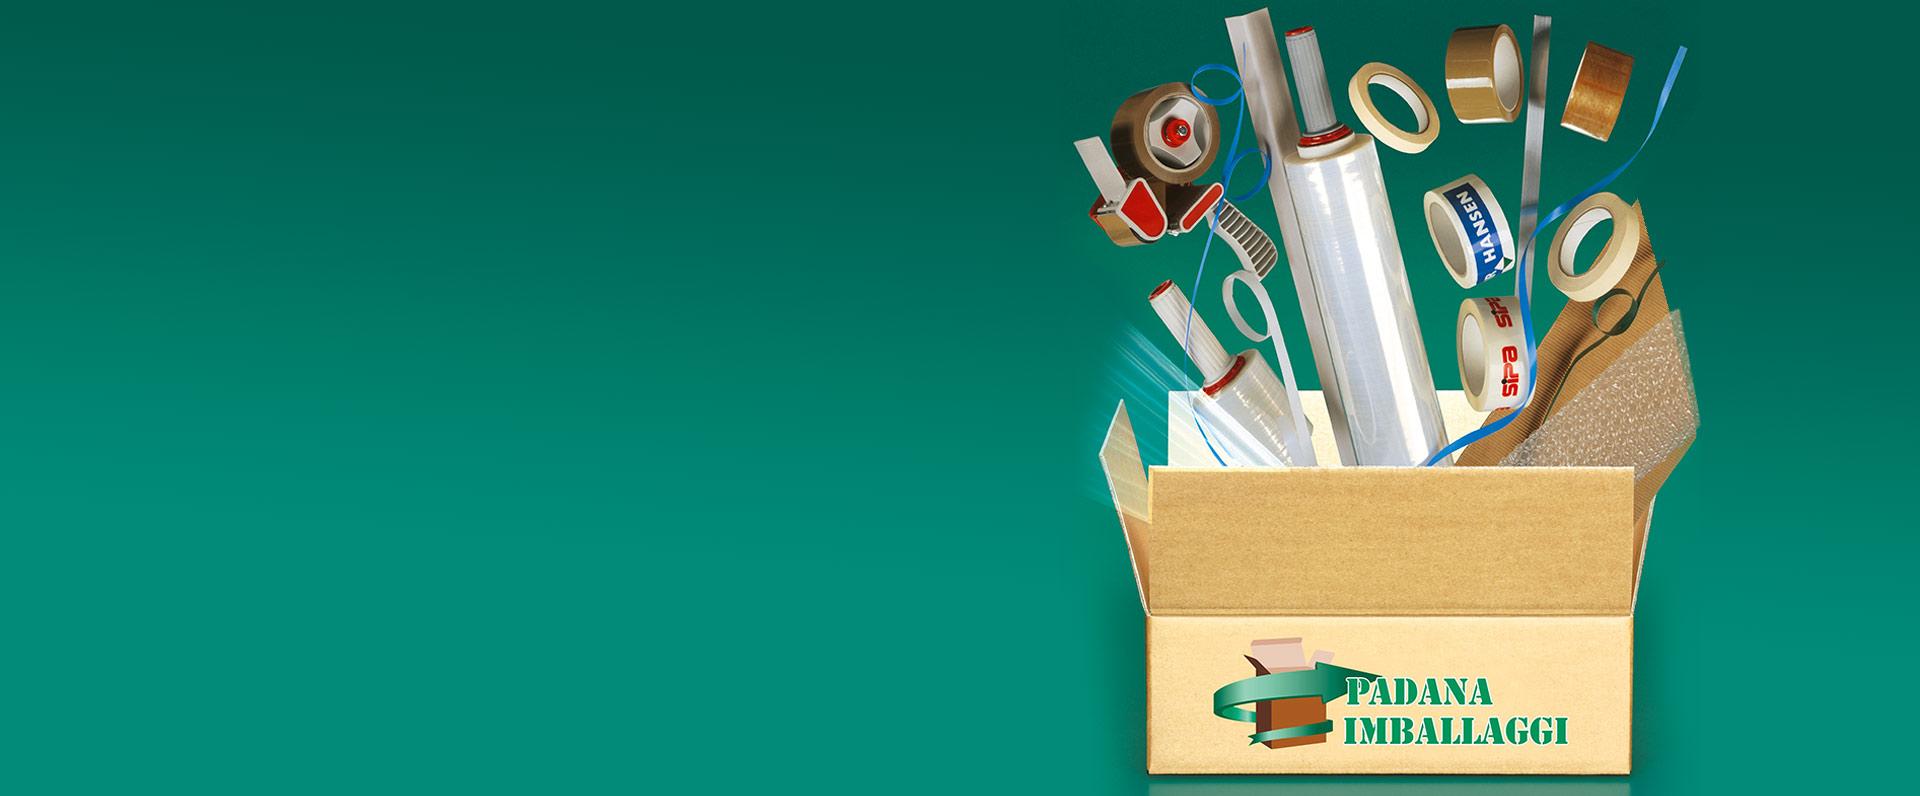 Prodotti per l 39 imballaggio per inscatolare riempire il for Padana imballaggi